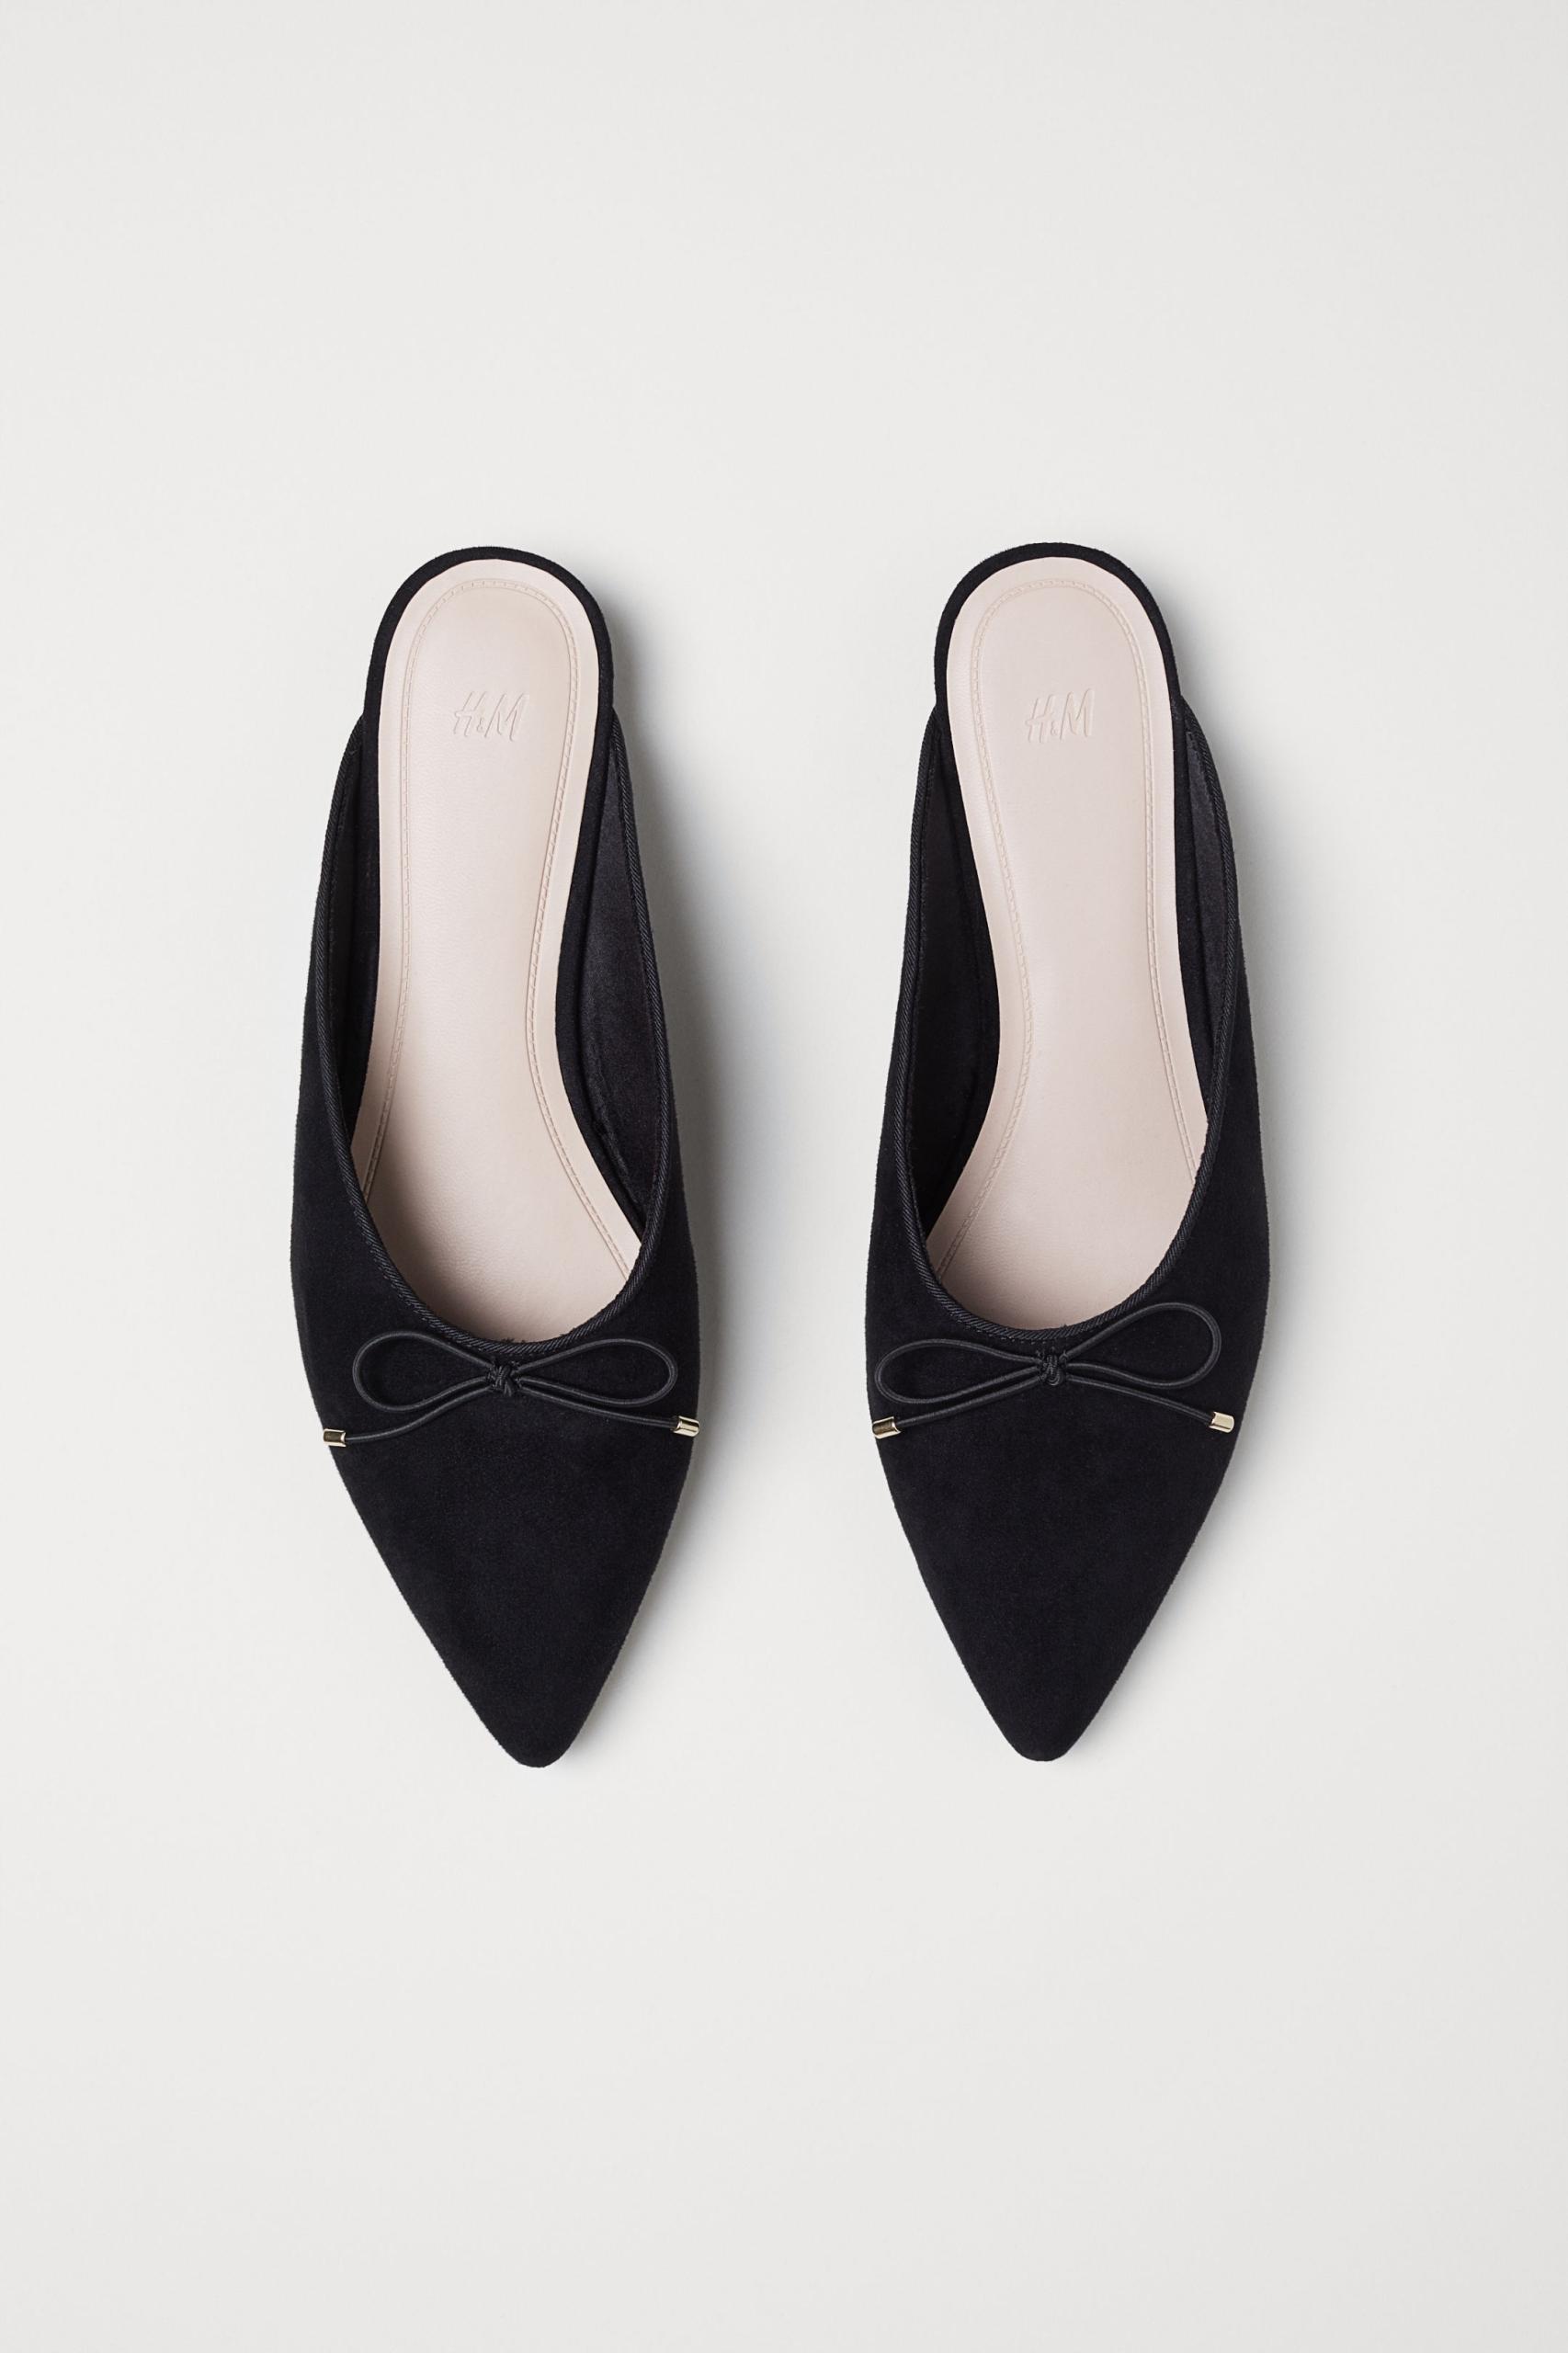 Czarne klapki eleganckie mules H&M nowe 39